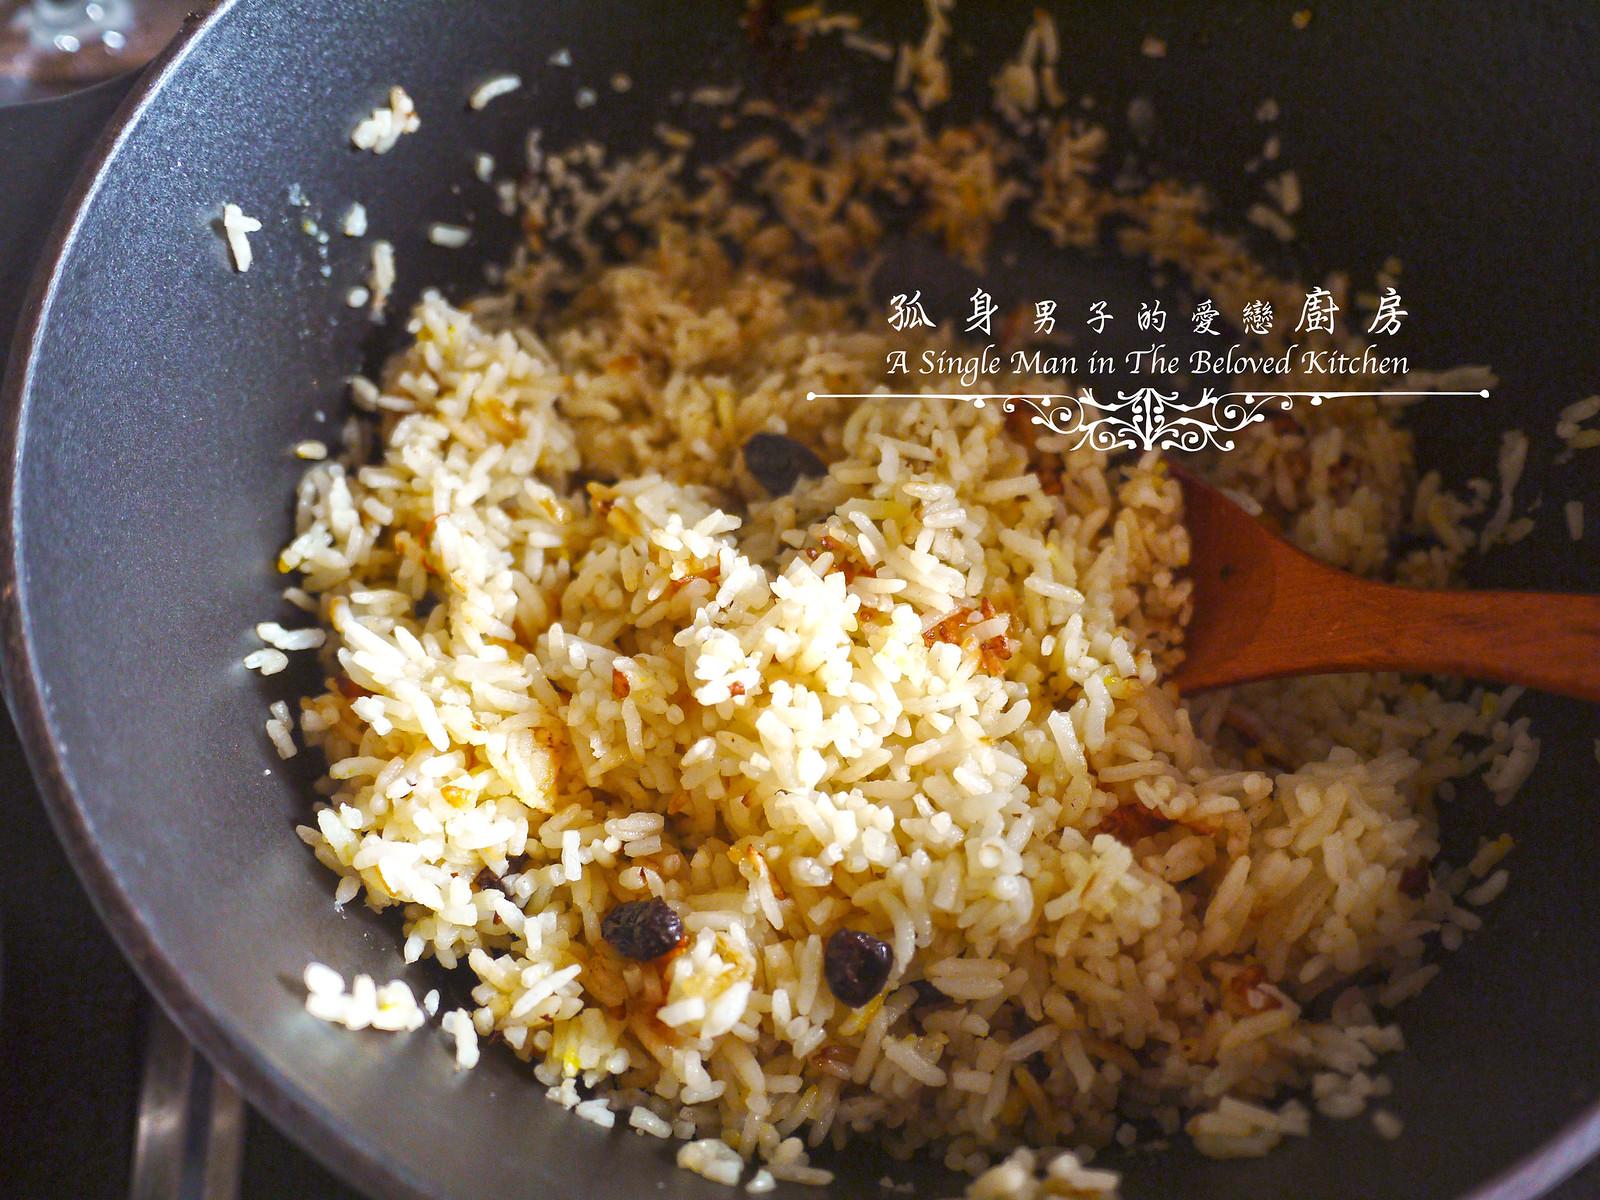 孤身廚房-蕃茄橄欖燴雞肉佐番紅花香米35